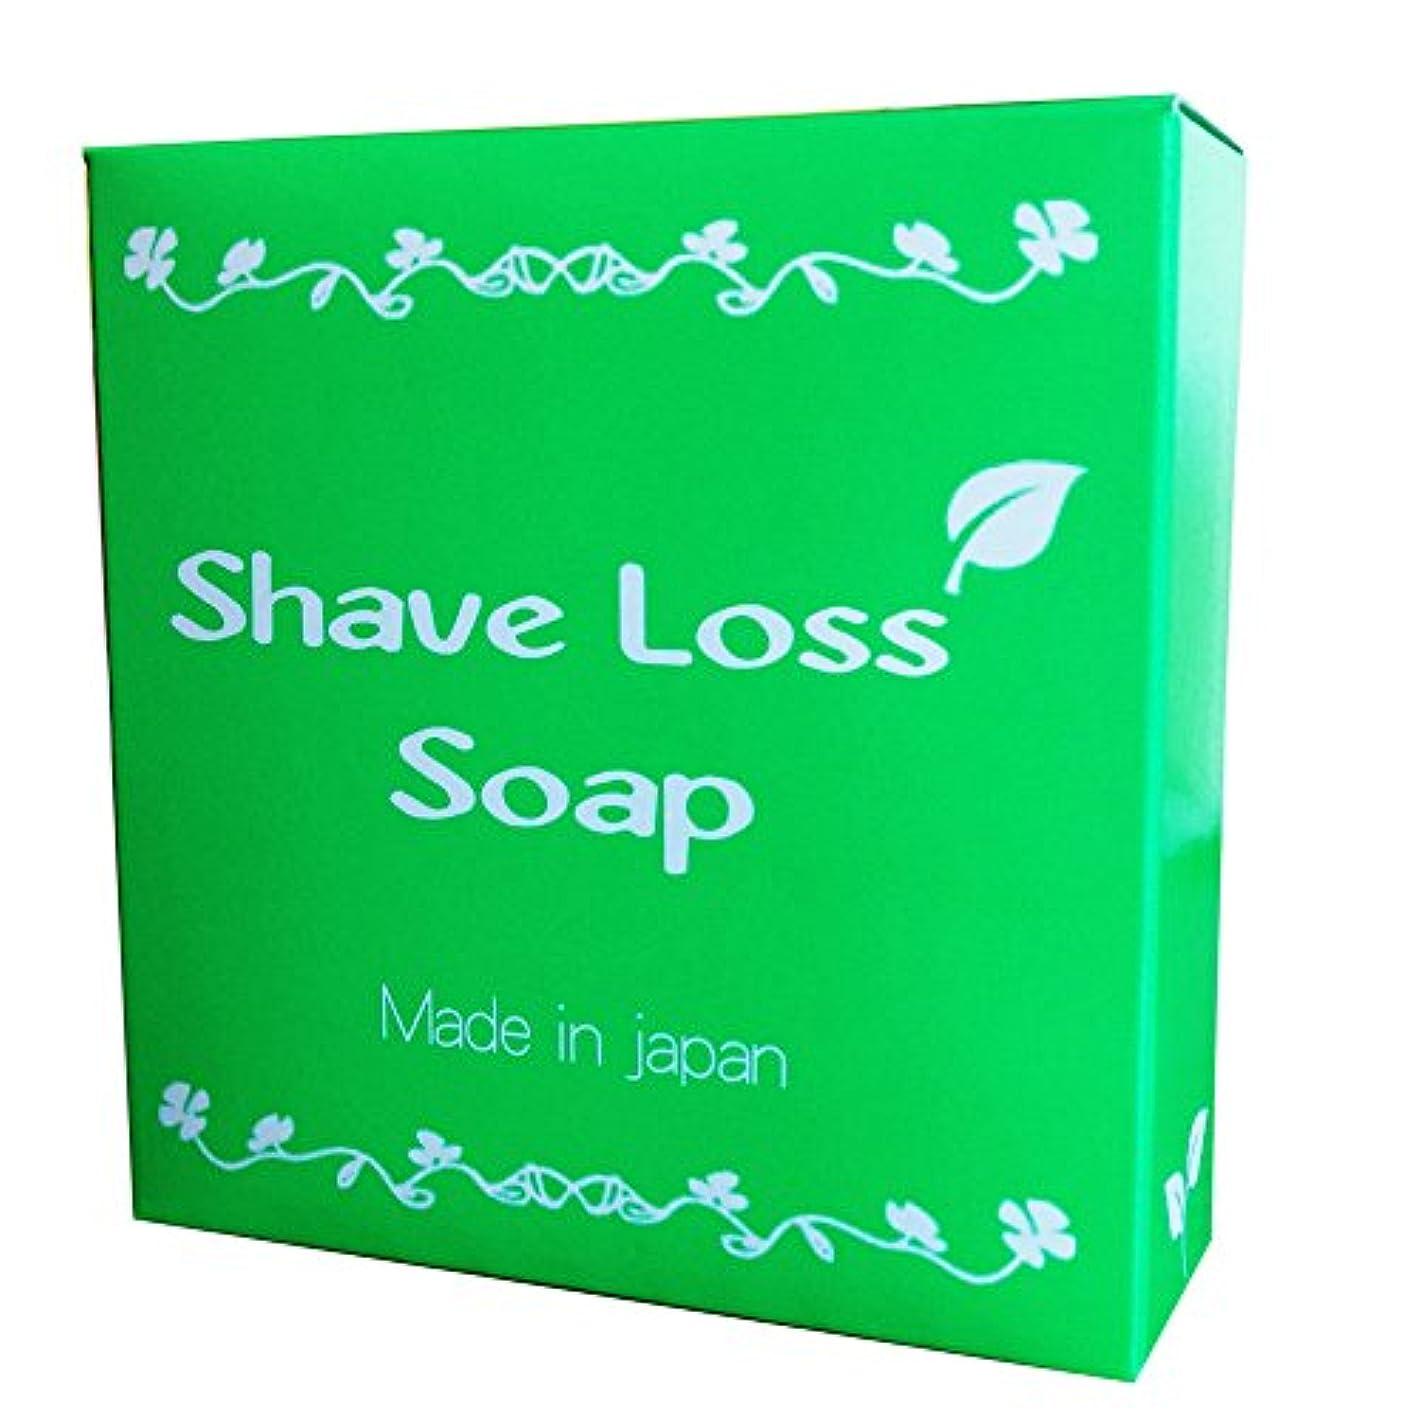 患者バナーホップShave Loss Soap 女性のツルツルを叶える 奇跡の石鹸 80g (1個)